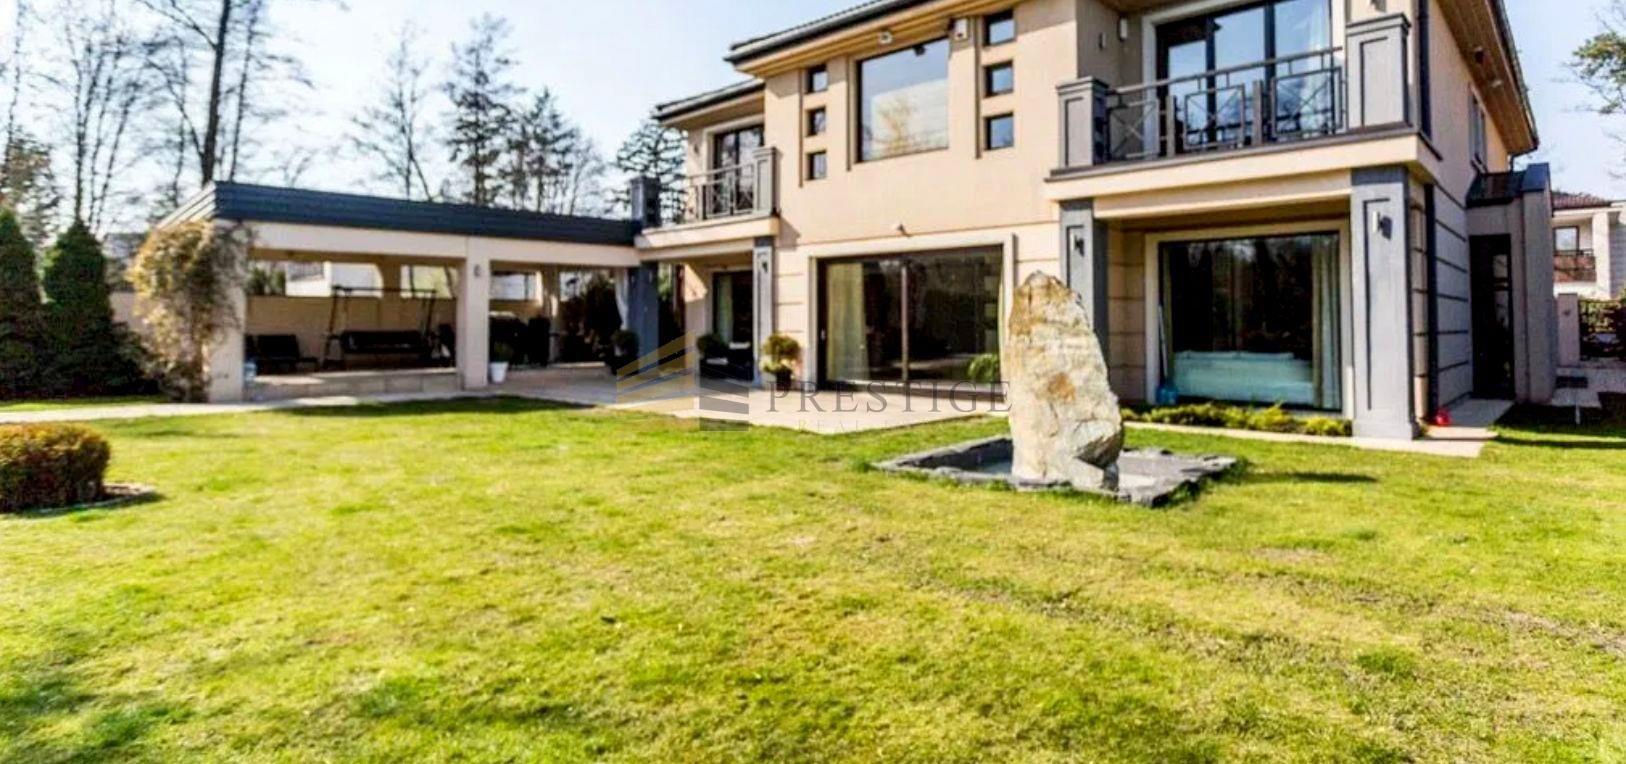 Dom na sprzedaż Piaseczno  570m2 Foto 1